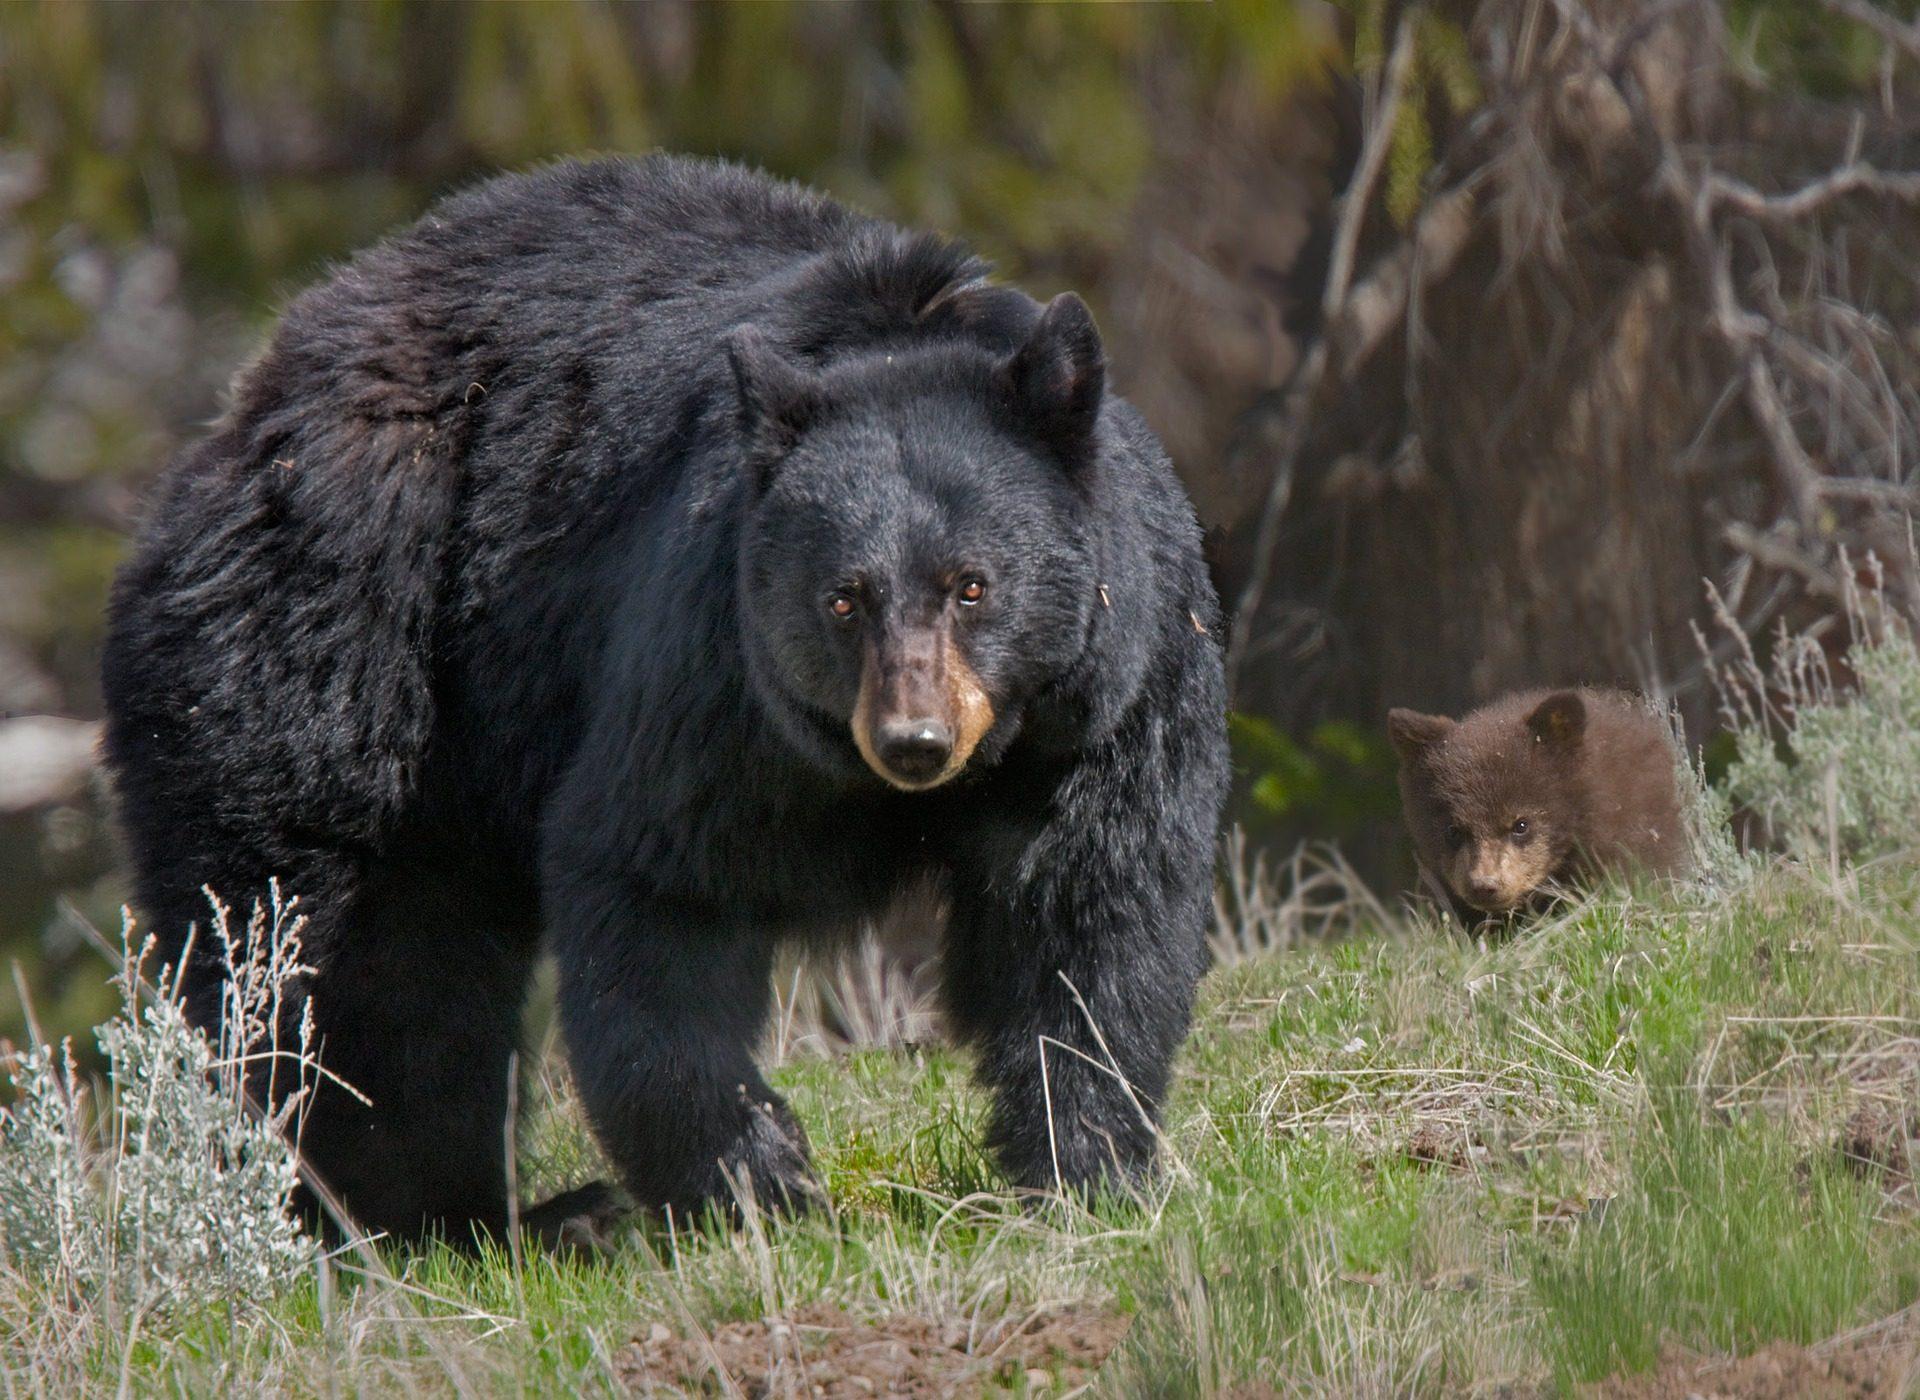 αρκούδα, osezno, αναπαραγωγής, δάσος, πεδίο, Κοίτα - Wallpapers HD - Professor-falken.com